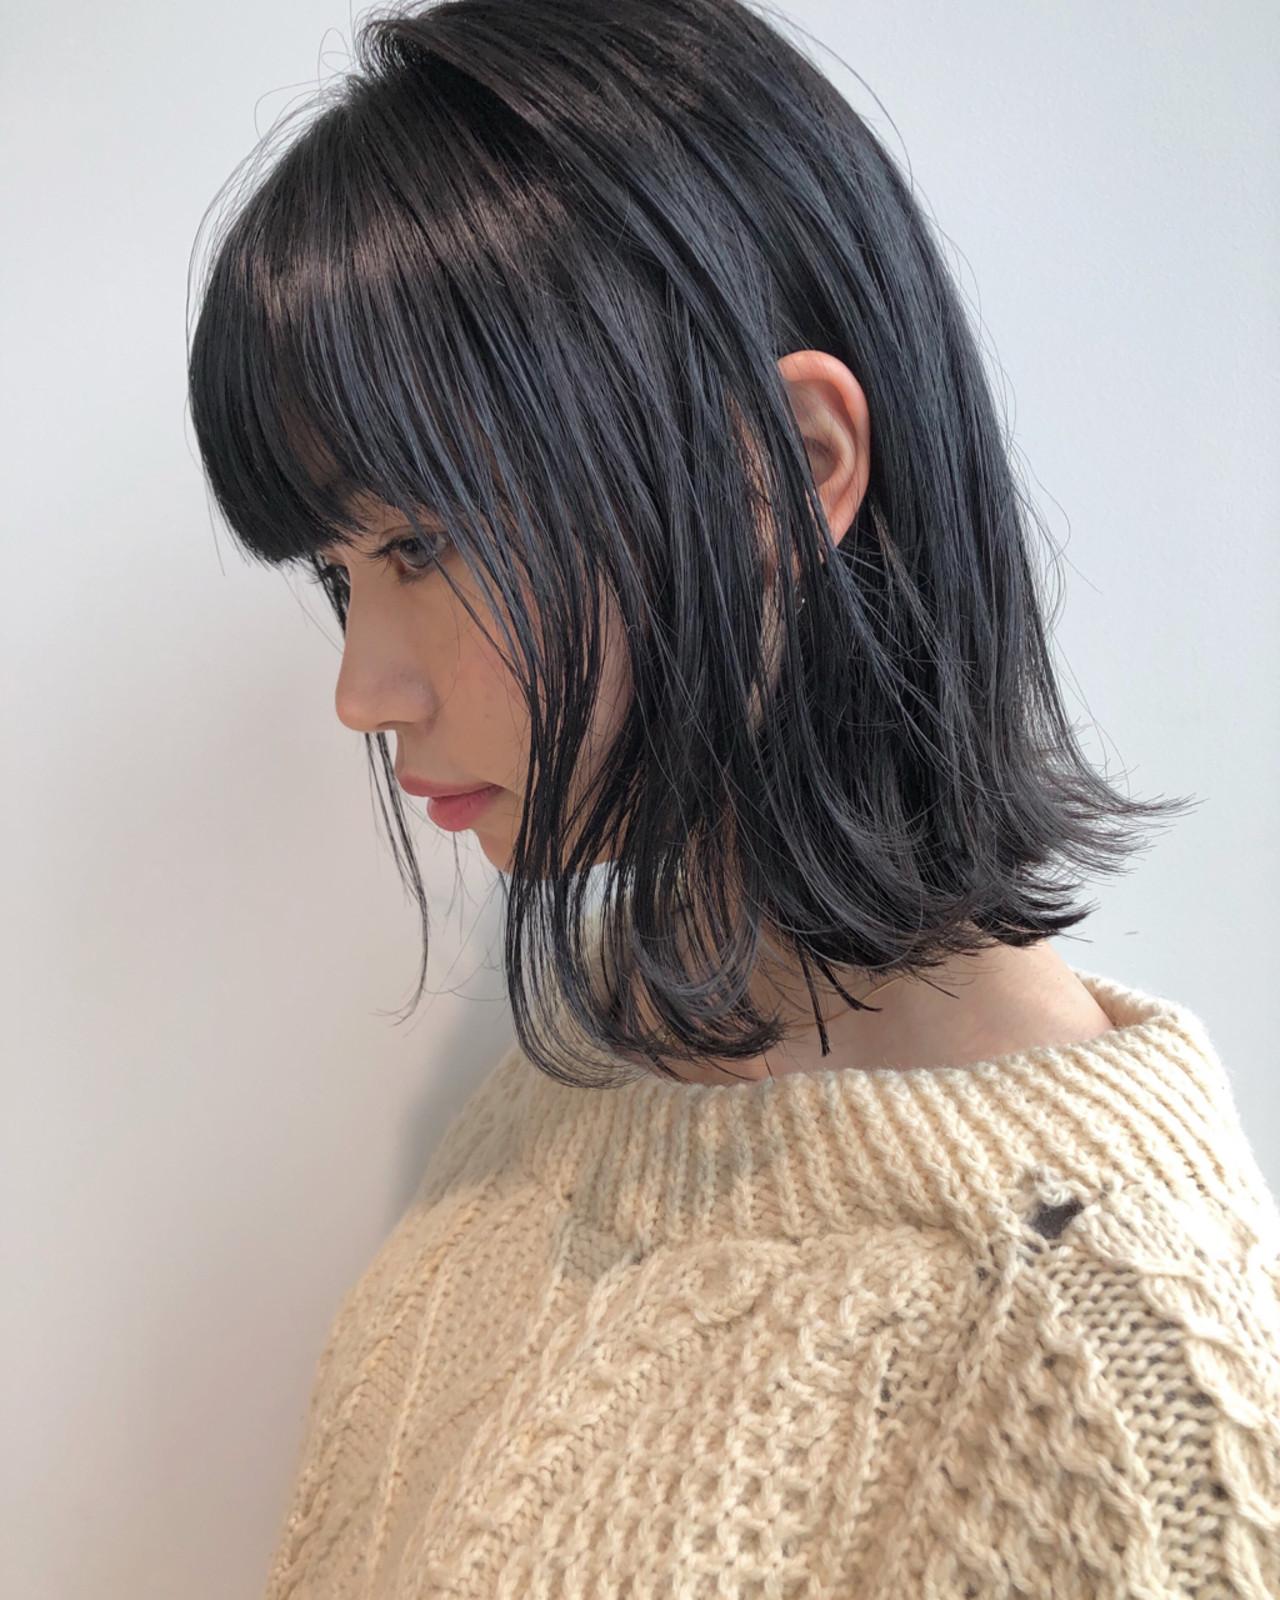 黒髪 ナチュラル シースルーバング オン眉 ヘアスタイルや髪型の写真・画像